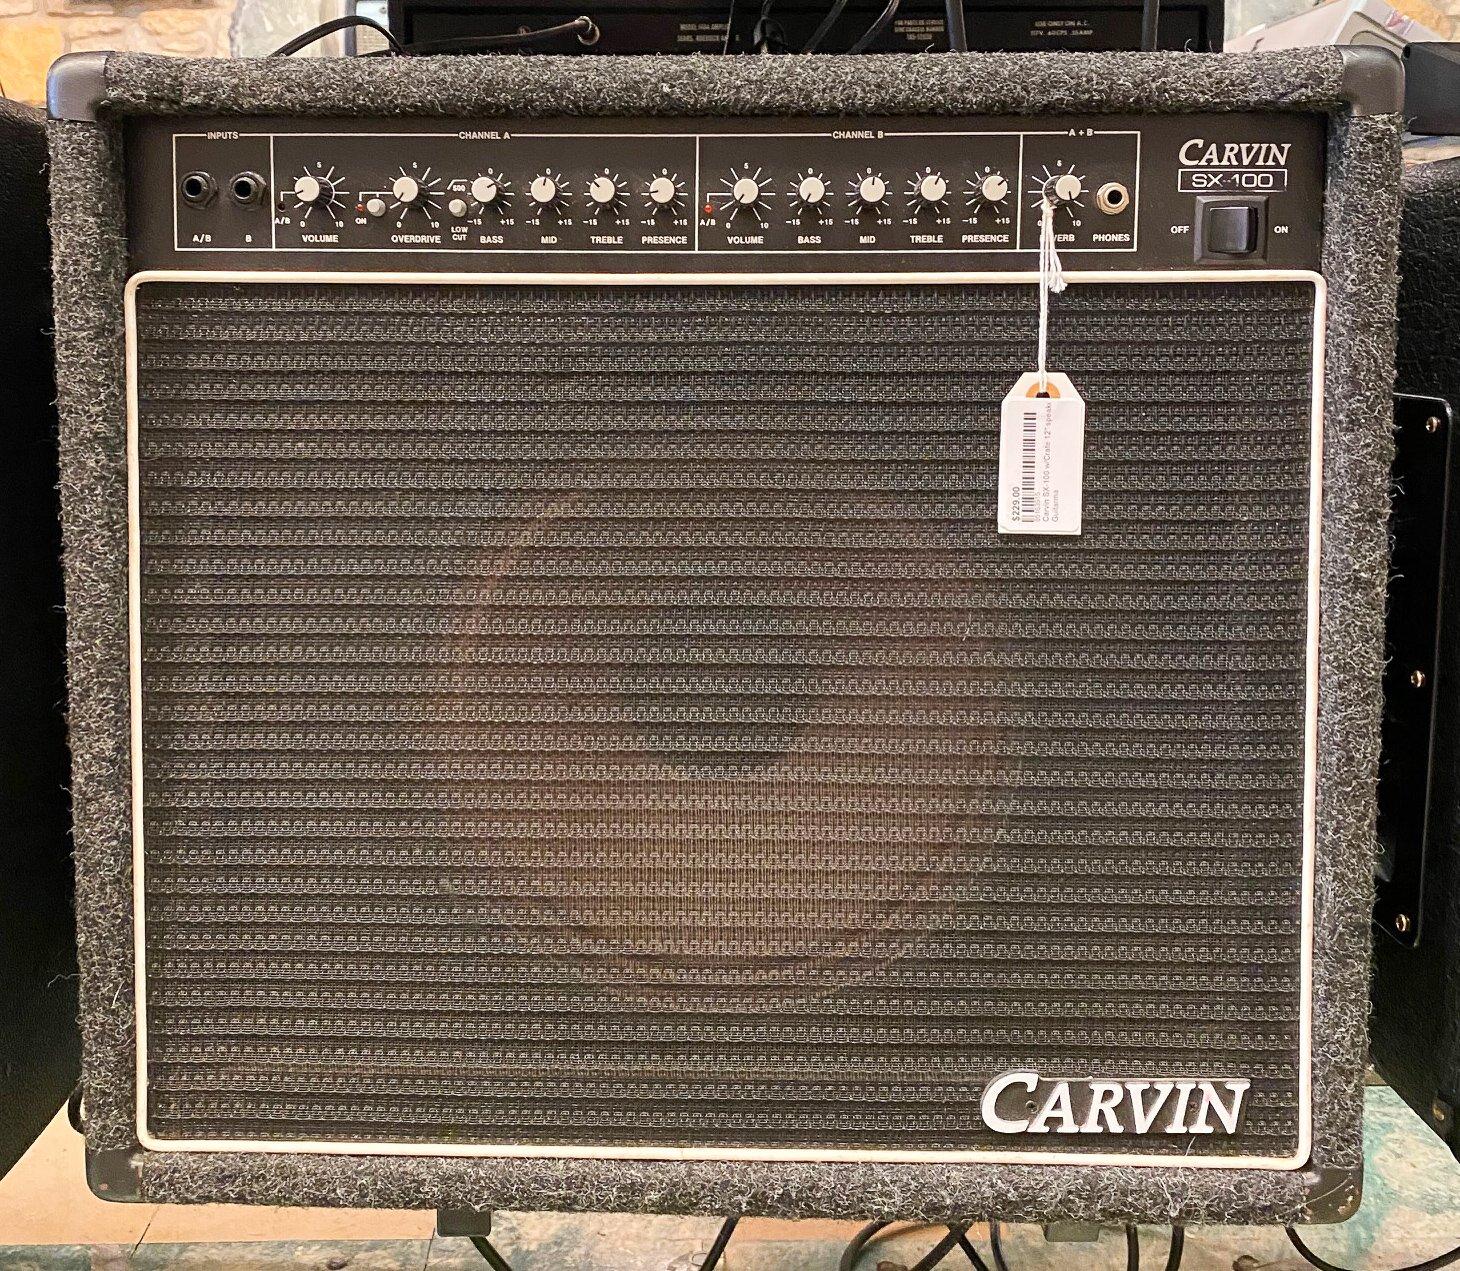 Carvin SX-100 w/Crate 12 speaker